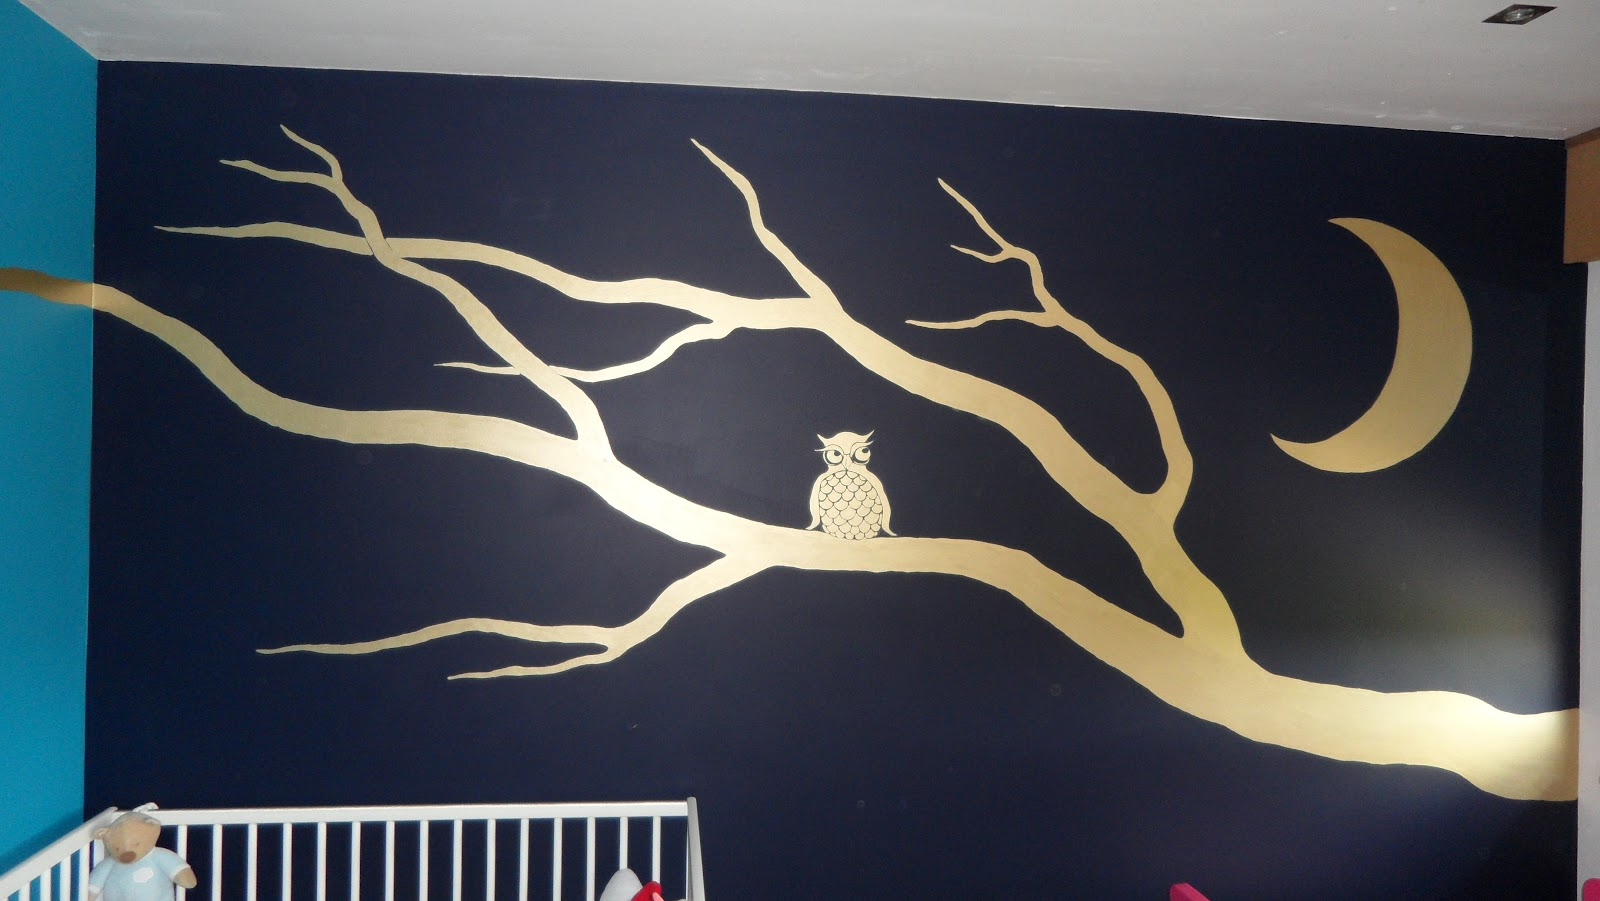 Lambrisering Schilderen Kinderkamer : Kinderkamer schilderen